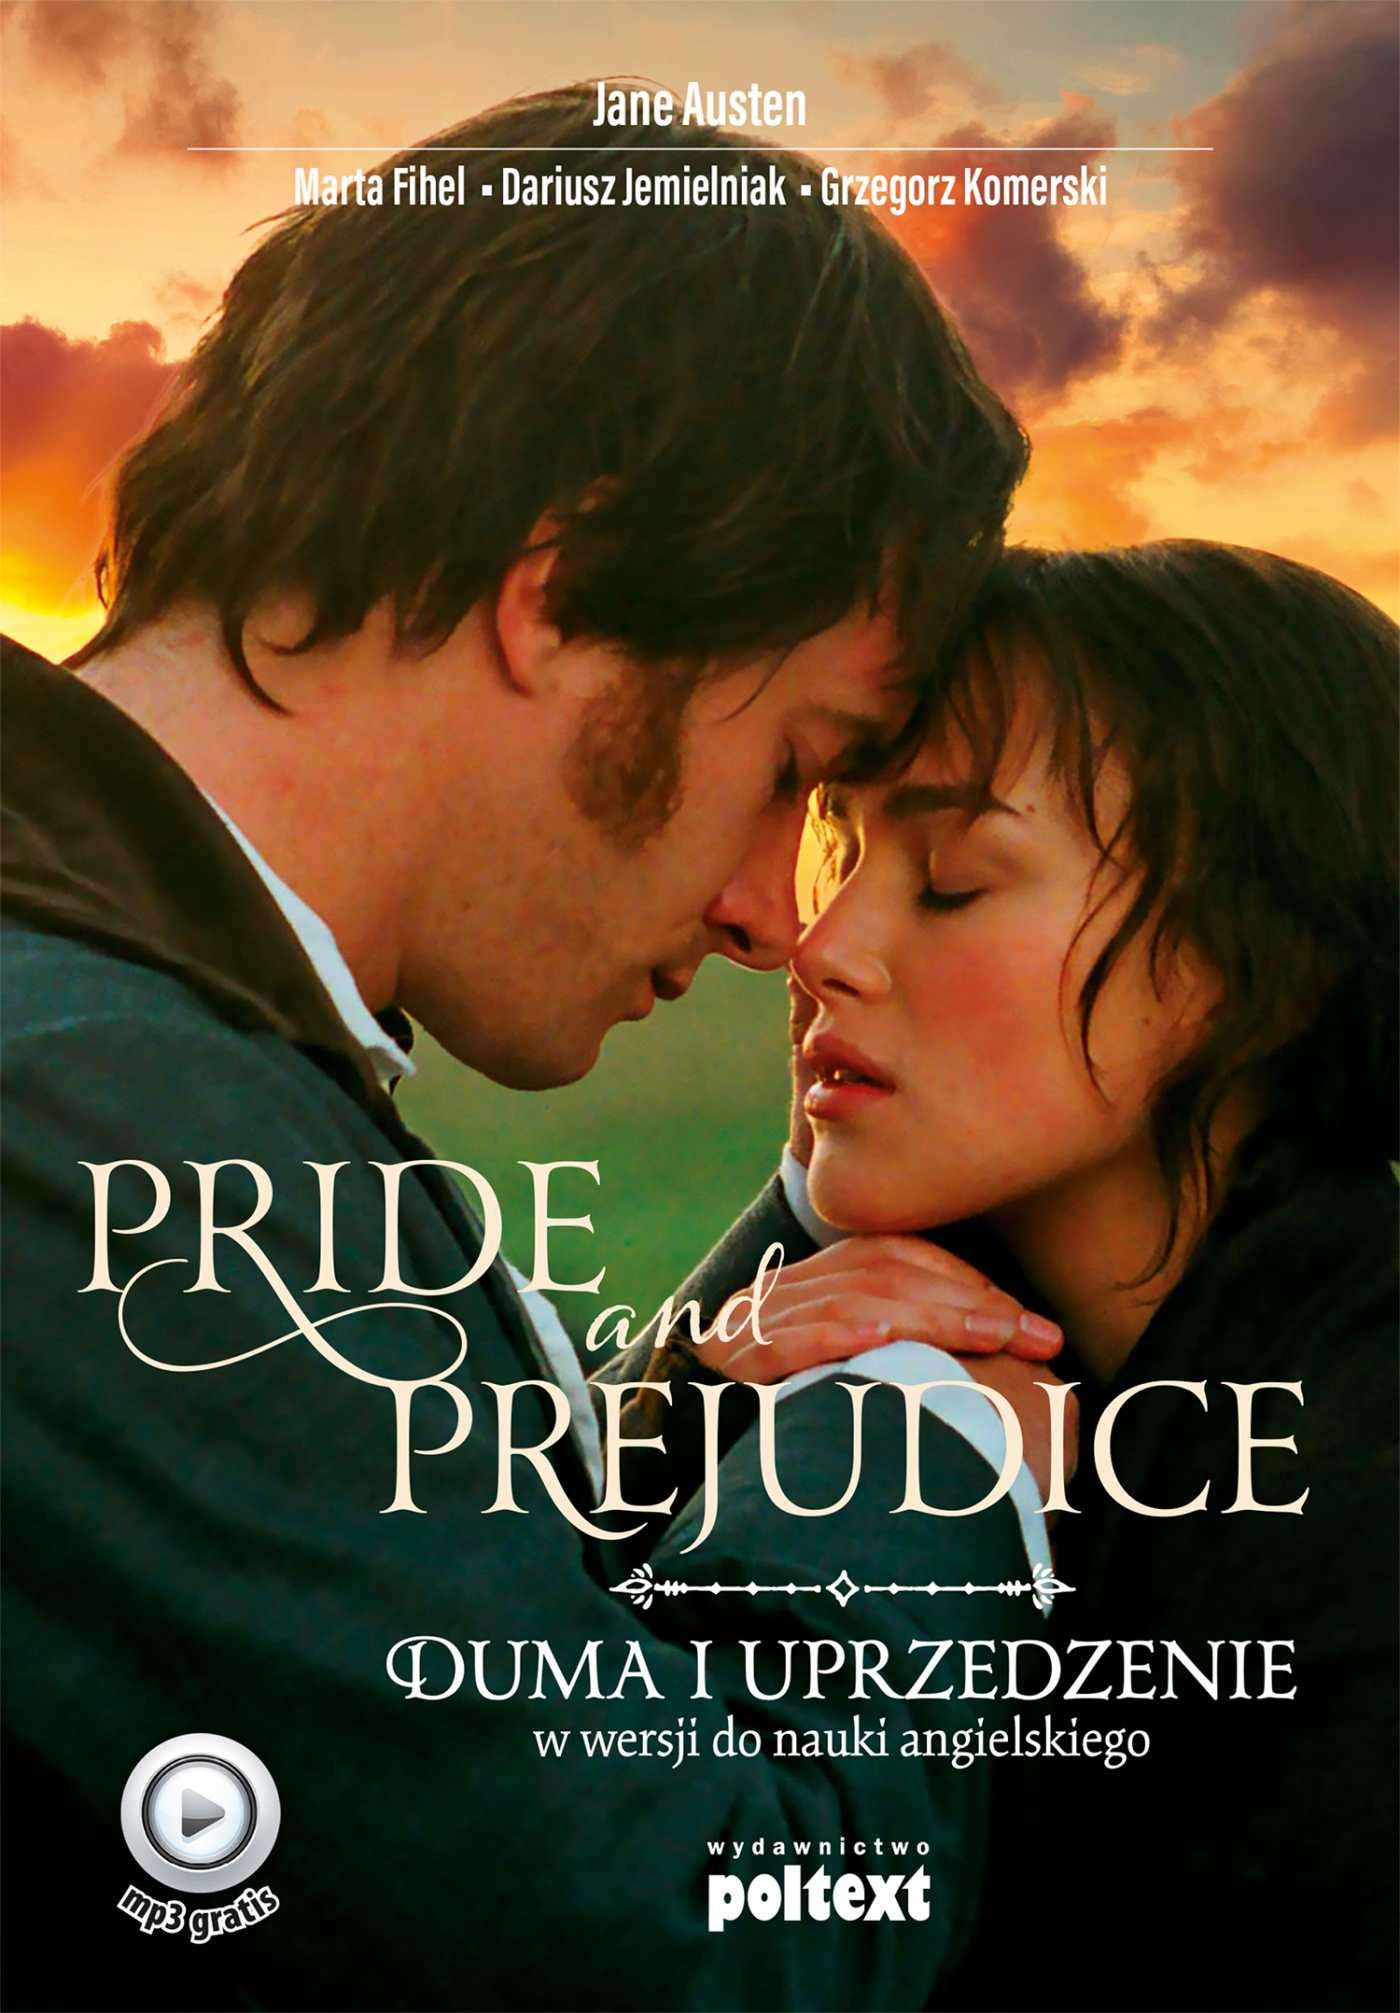 Pride and Prejudice. Duma i uprzedzenie w wersji do nauki angielskiego - Ebook (Książka EPUB) do pobrania w formacie EPUB